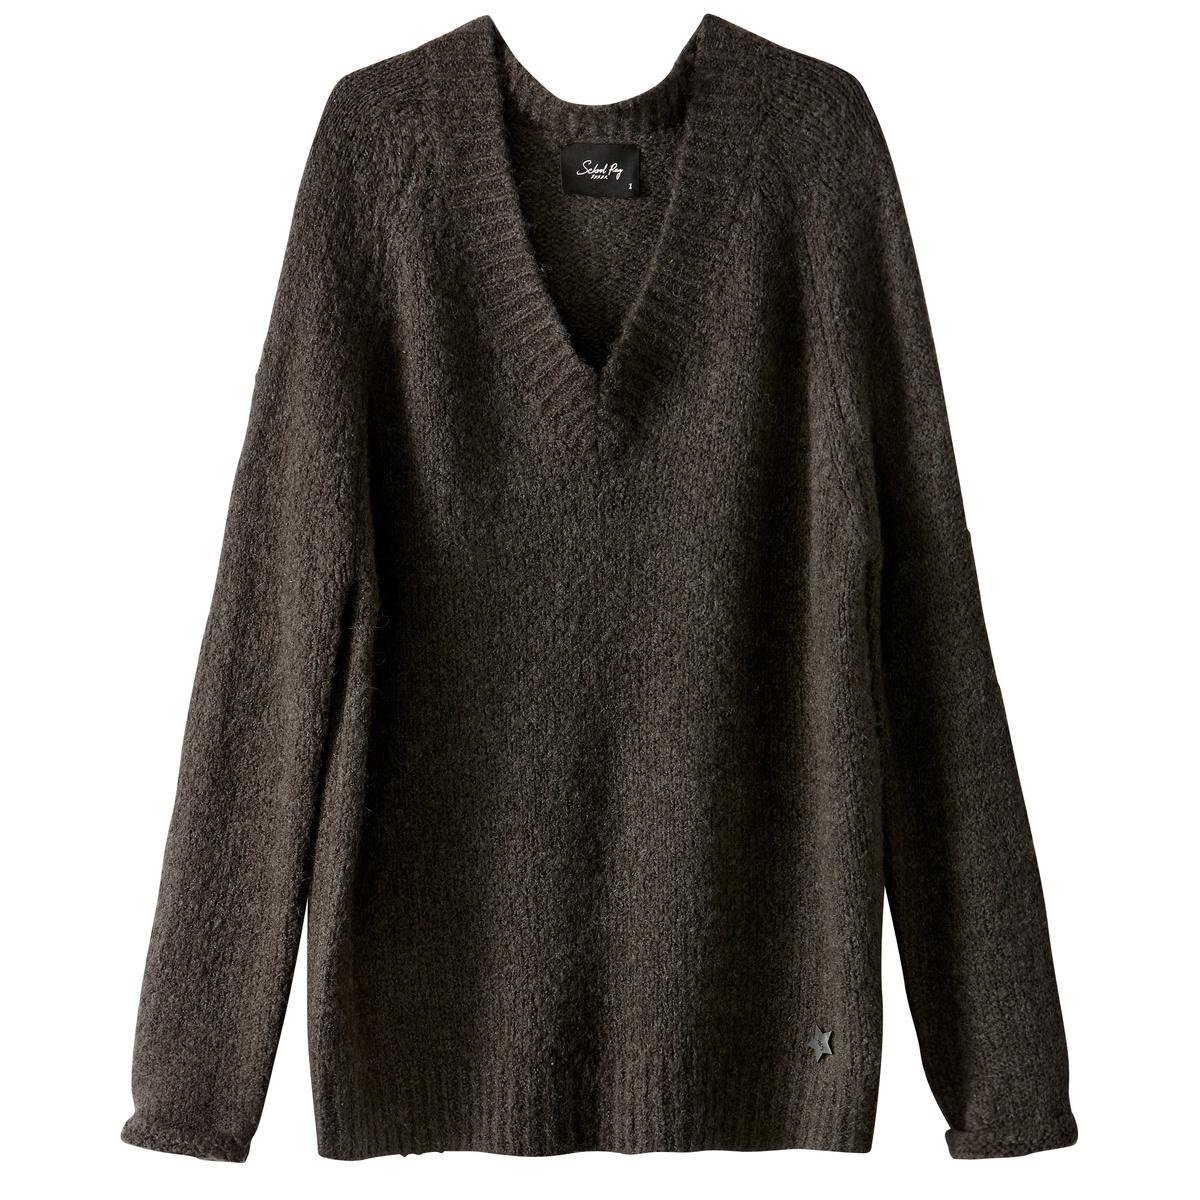 Пуловер стандартныйДетали •  Длинные рукава  •   V-образный вырез •  Плотный трикотаж Состав и уход •  8% шерсти, 69% акрила, 3% эластана, 20% полиамида •  Следуйте советам по уходу, указанным на этикетке<br><br>Цвет: охра,серый